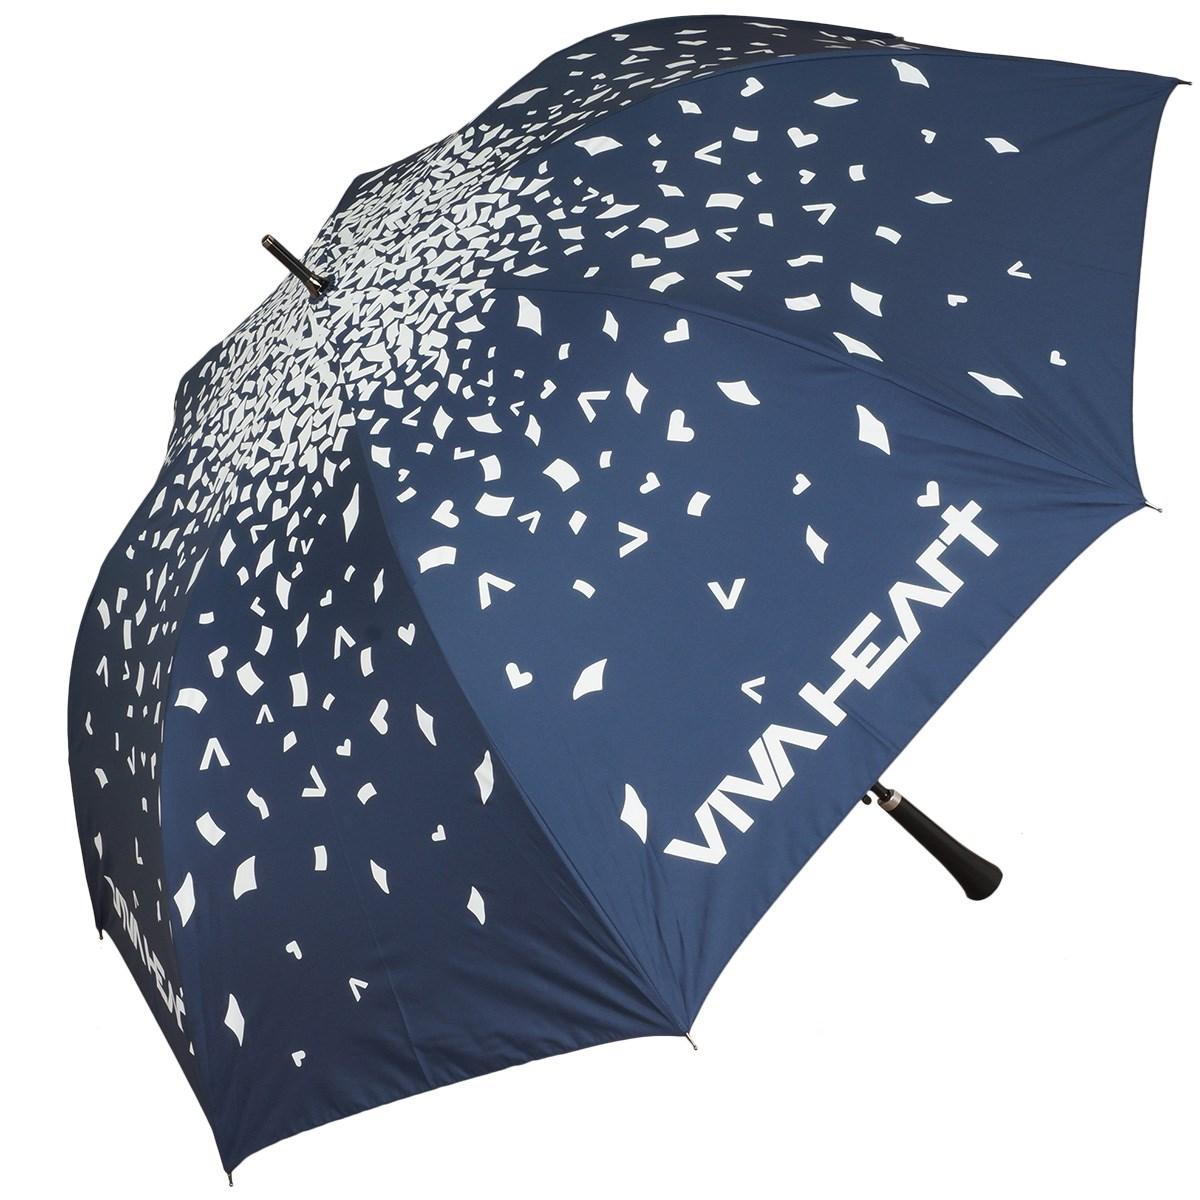 ビバハート VIVA HEART KAMI-FUBUKIプリント 晴雨兼用傘 ネイビー 098